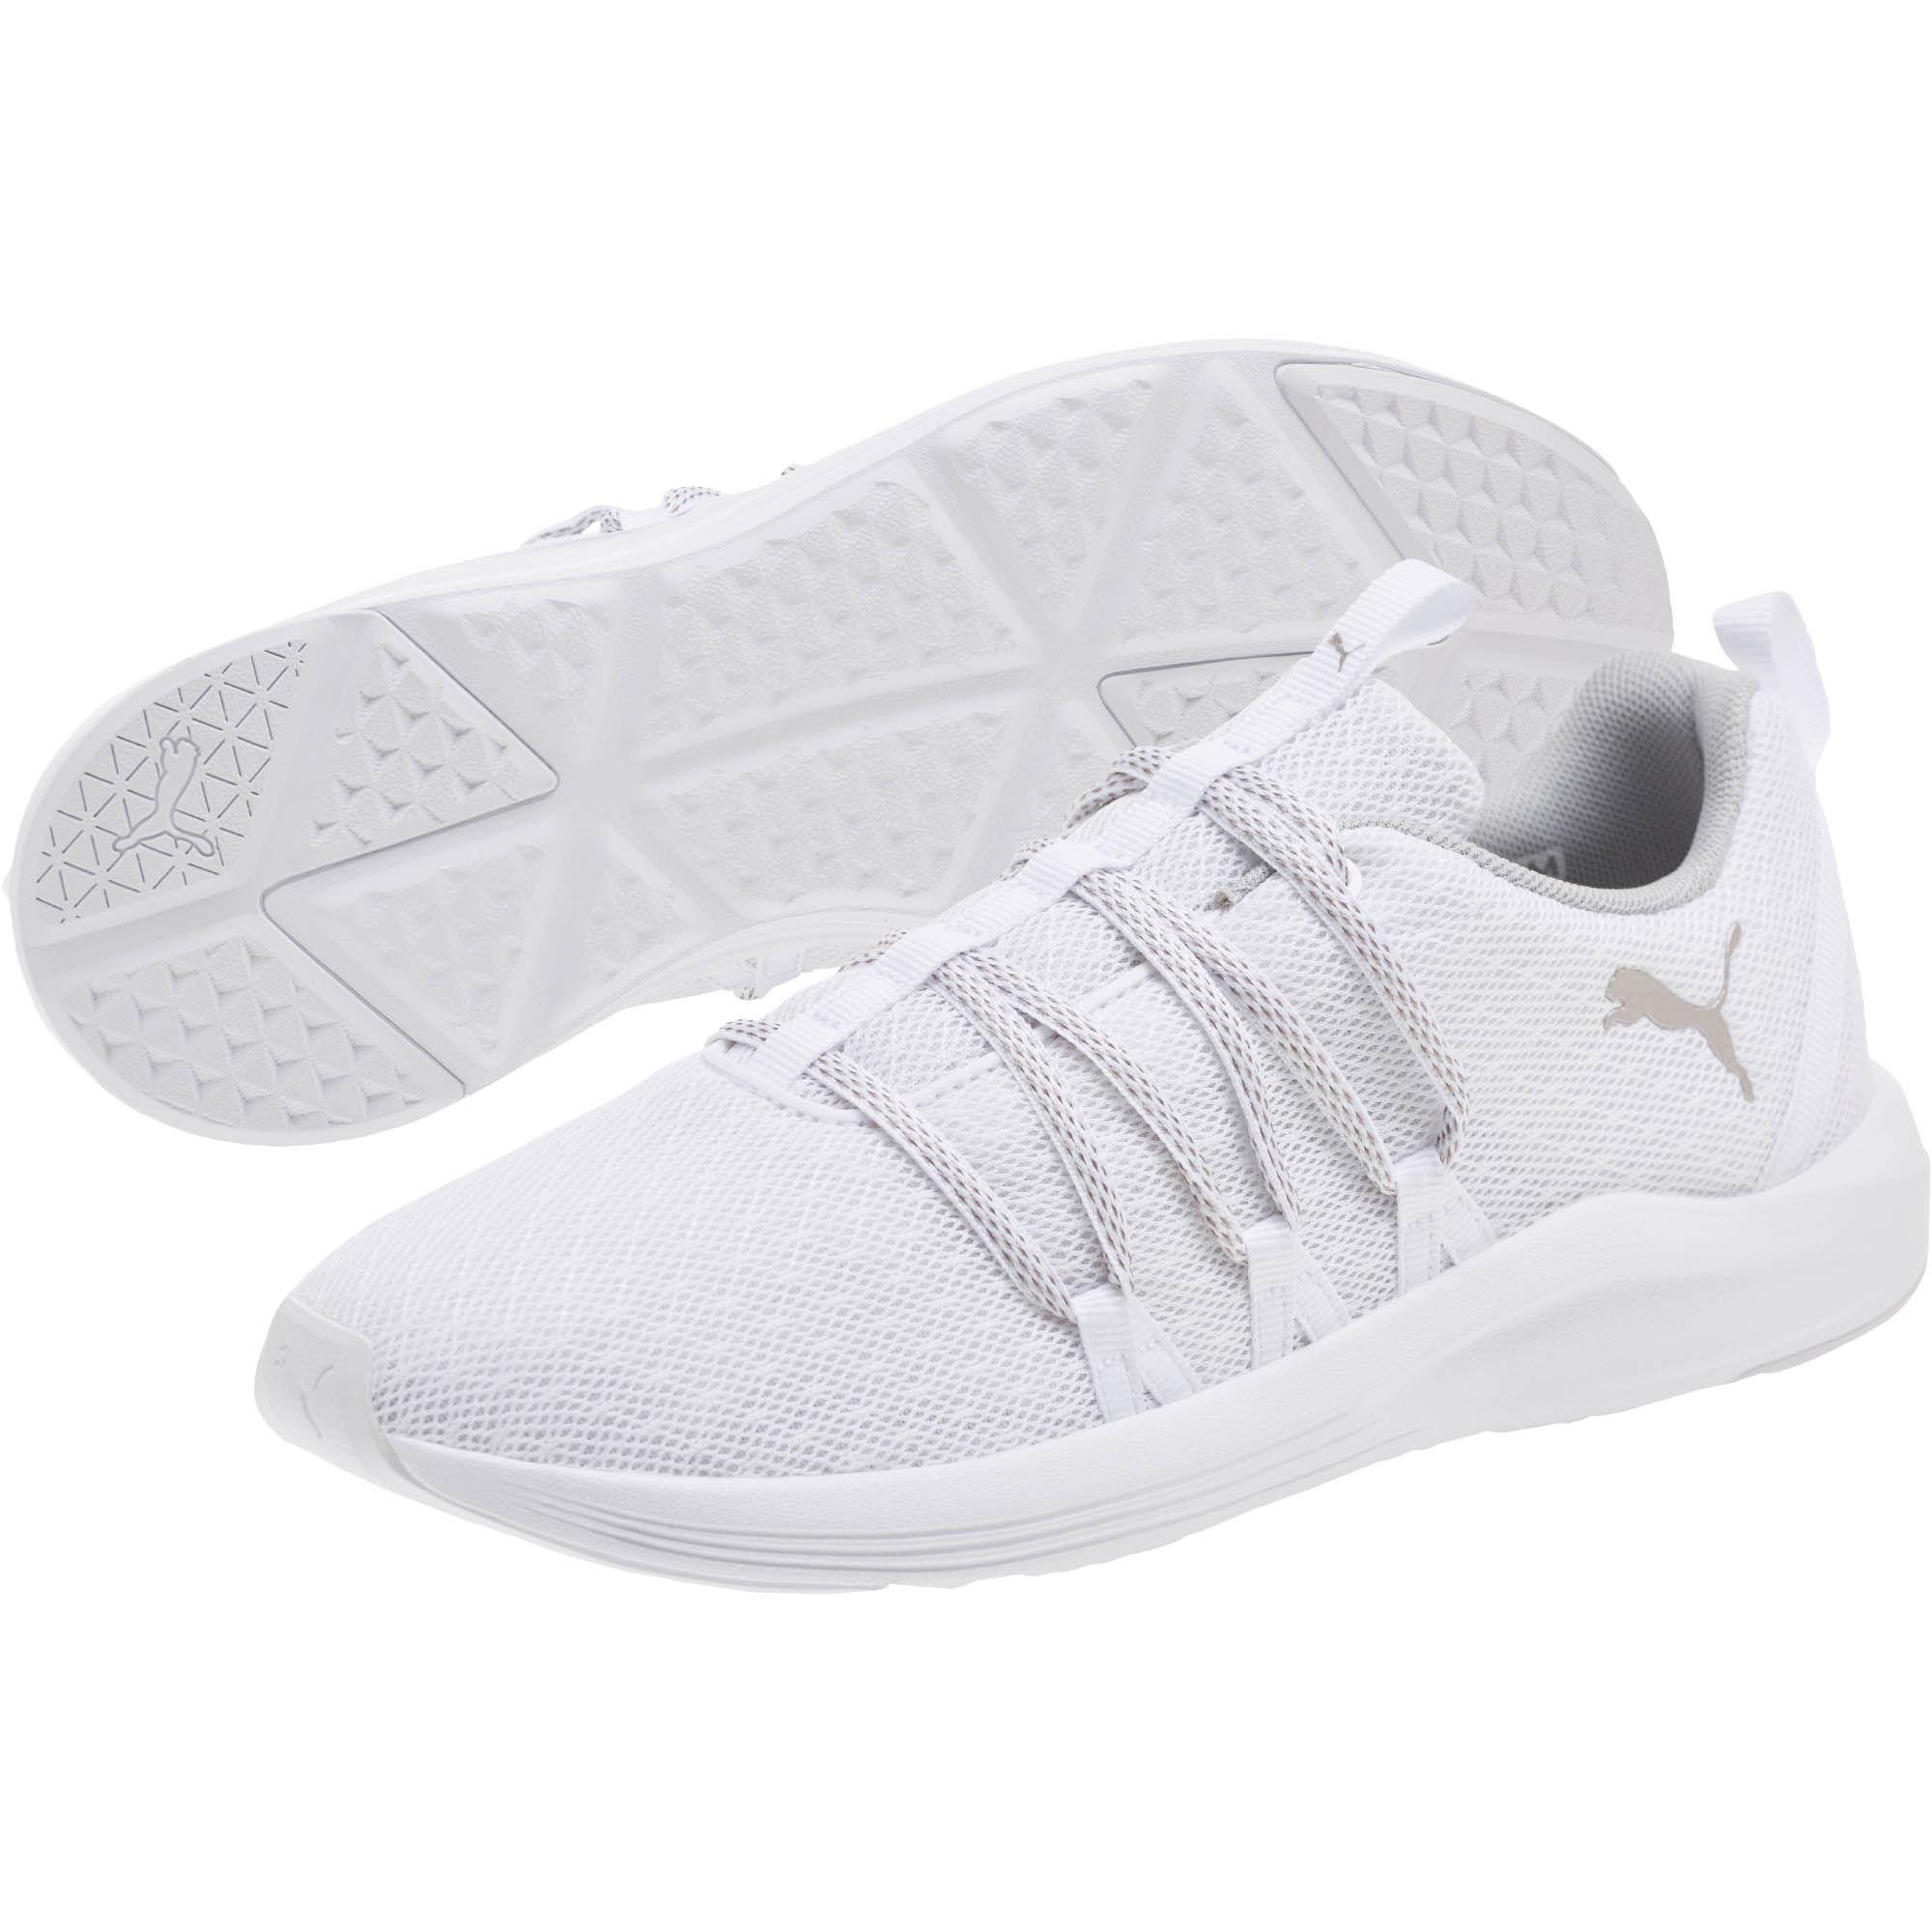 2e975c44d93 ... Prowl Alt Knit Mesh Women s Running Shoes - Lyst. View fullscreen